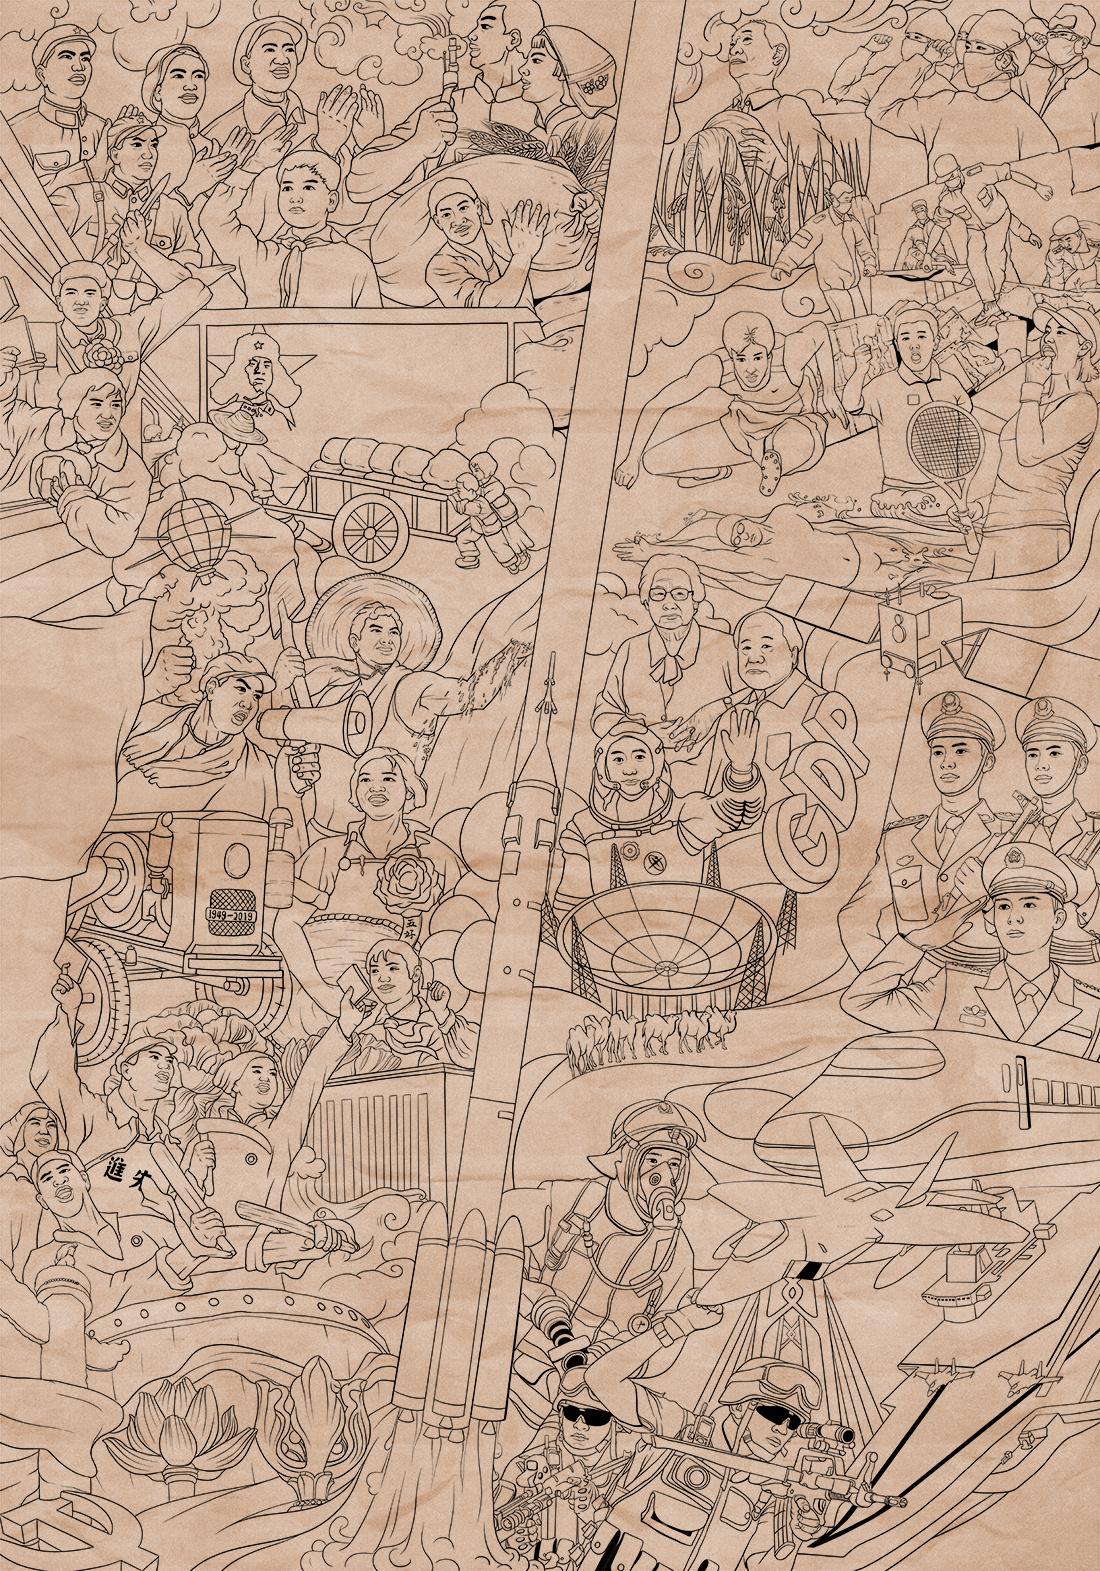 中国第一个诺贝尔奖_中国过往(庆祝新中国成立70周年)我和我的祖国 插画 插画习作 ...